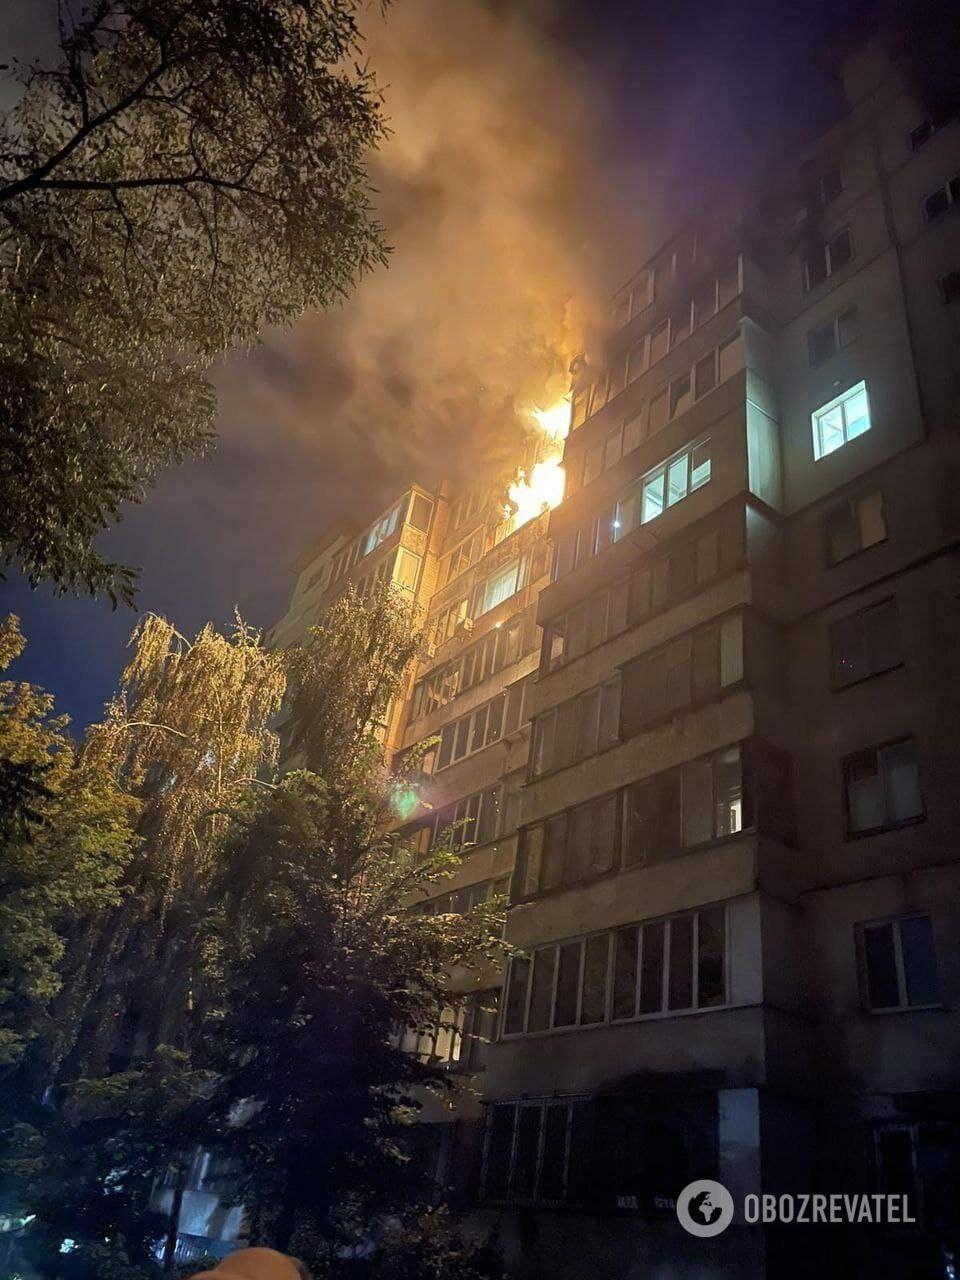 Огонь также повредил несколько балконов на 9-м этаже.